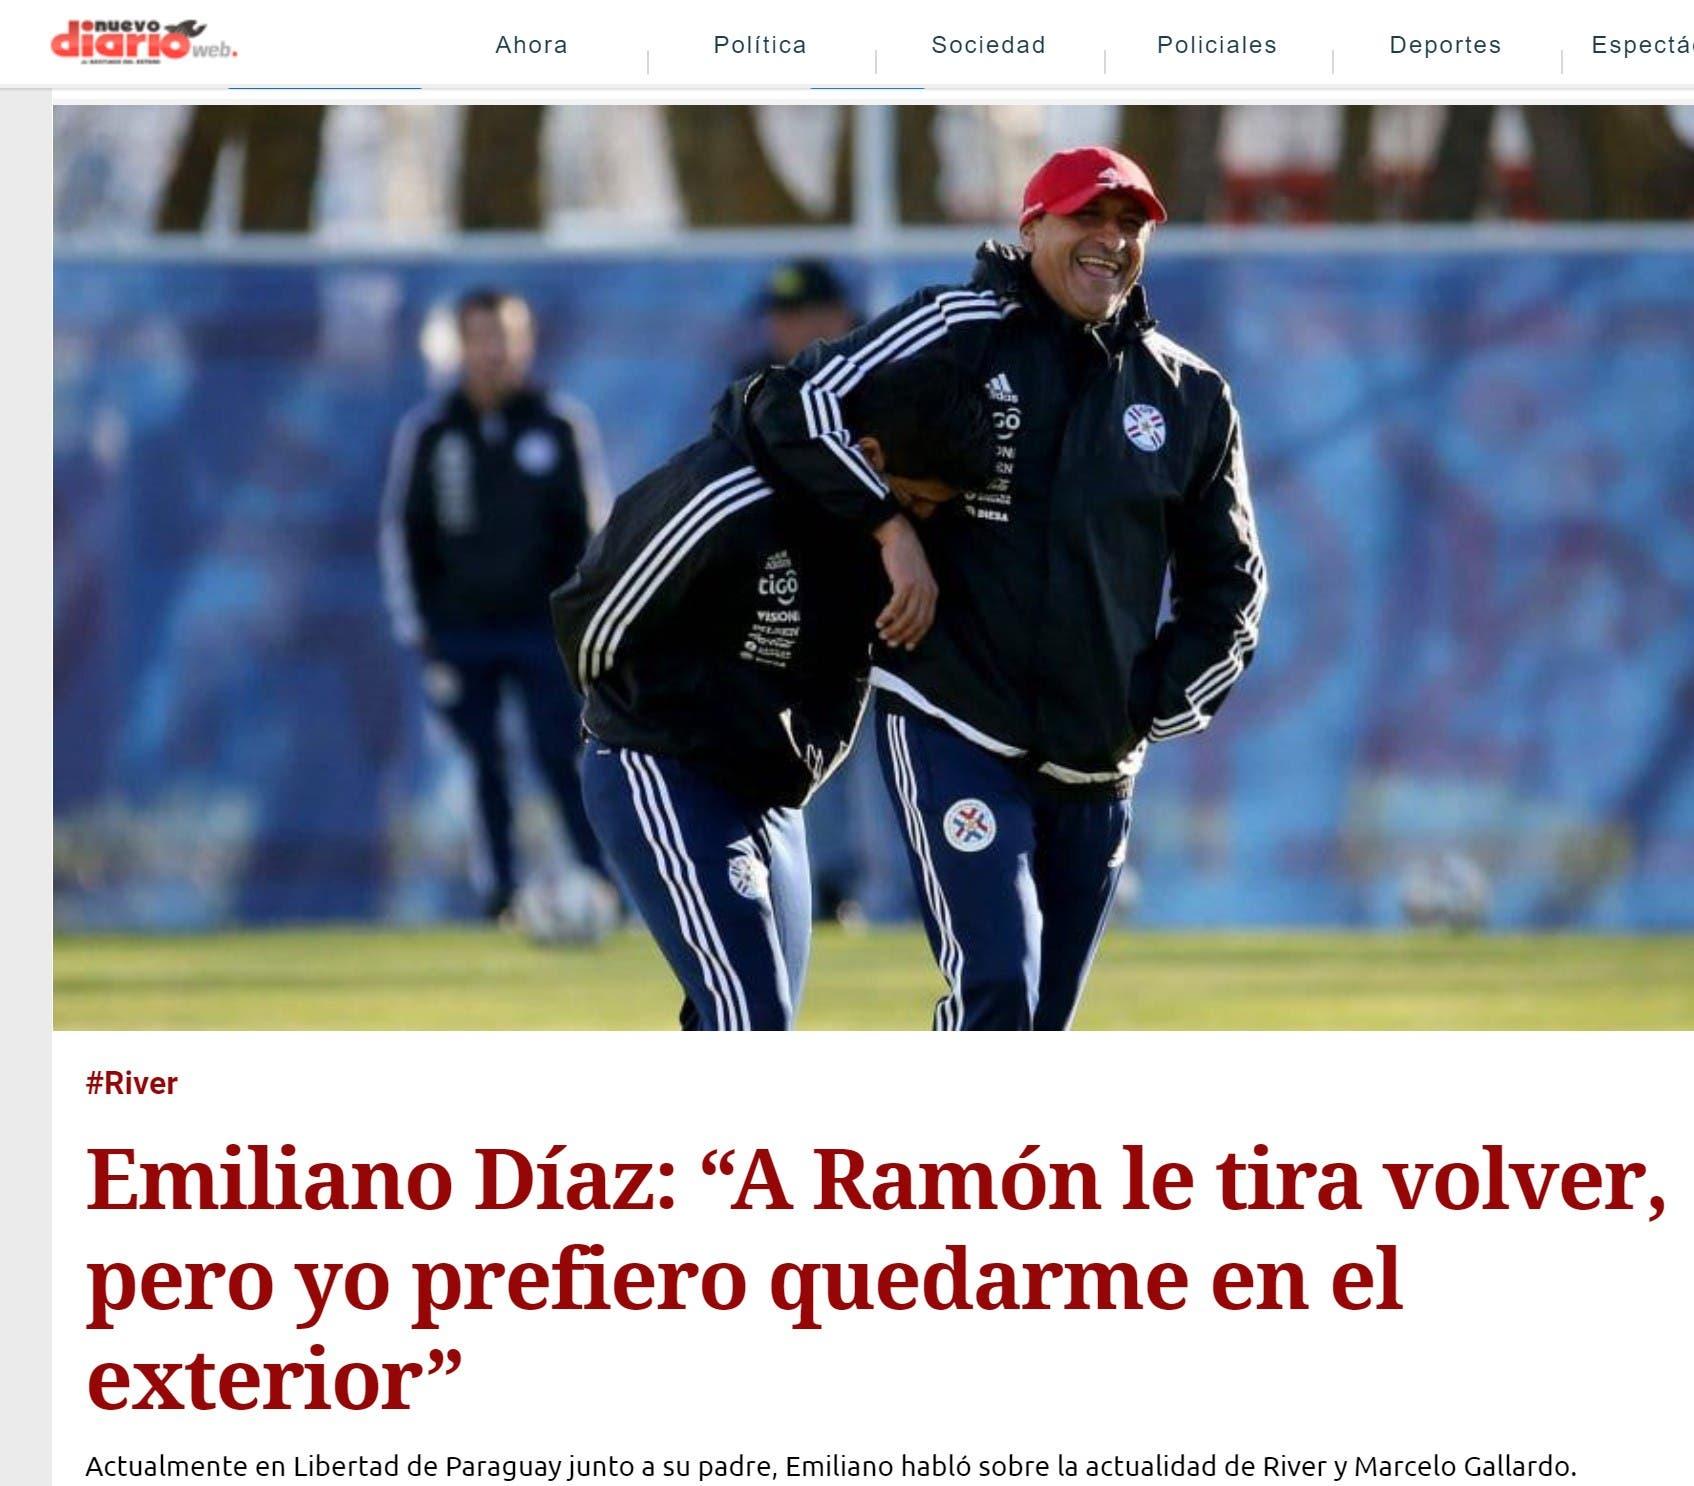 تصريحات إيميليانو في الصحيفة الأرجنتينية